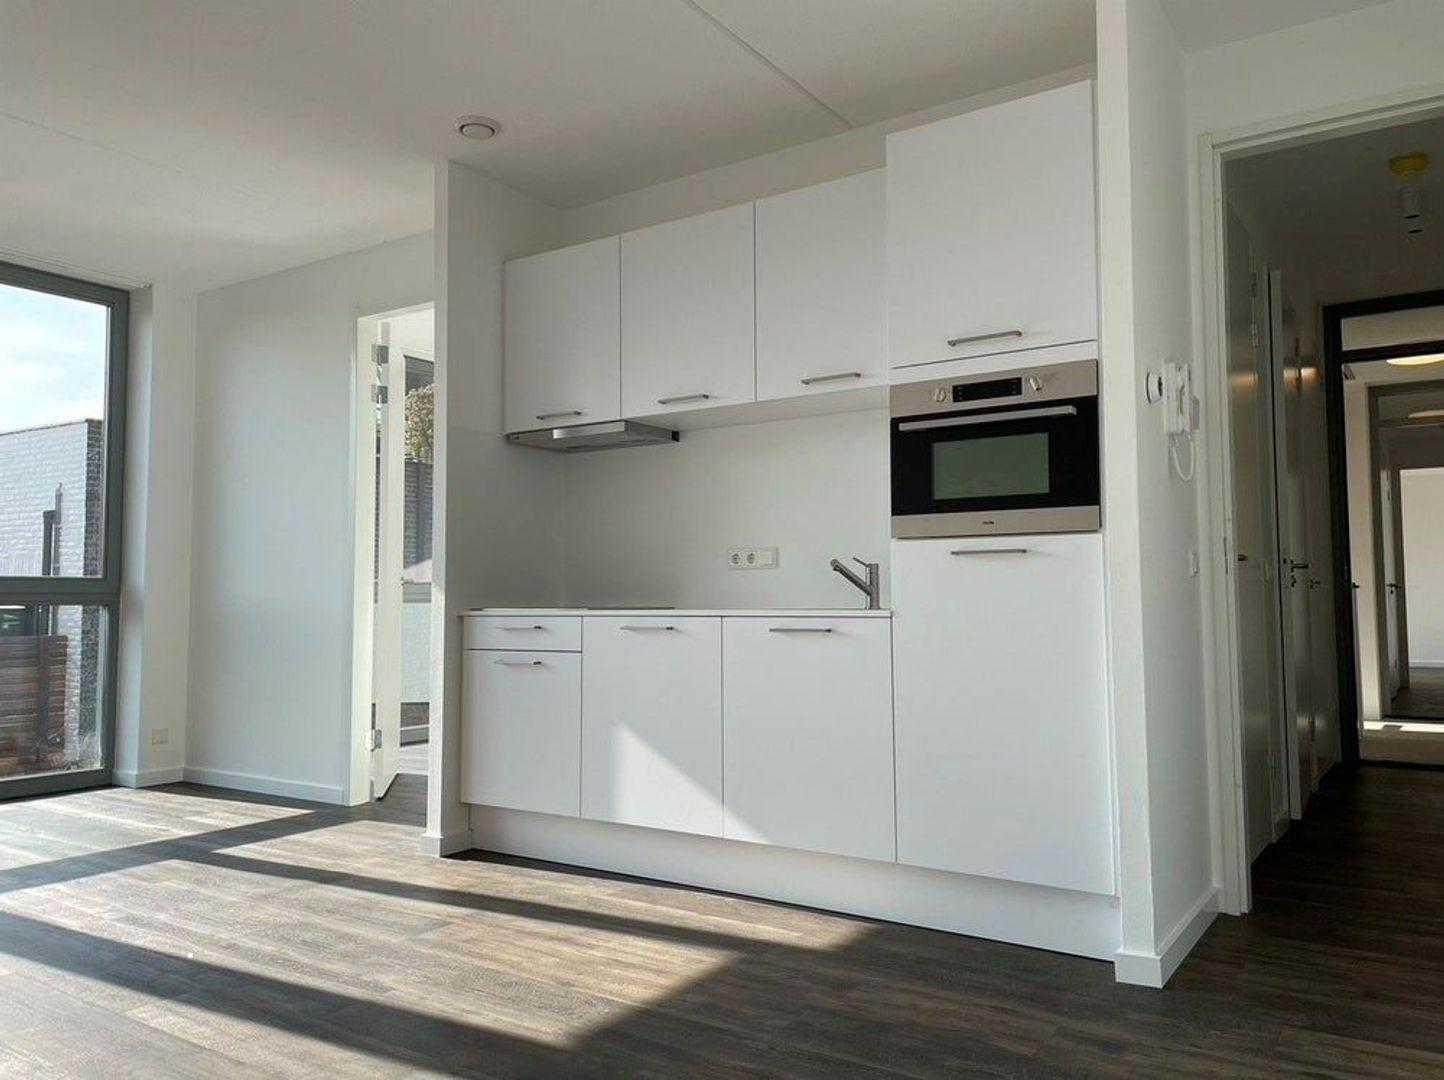 Aanbod Detail Lightcity Housing